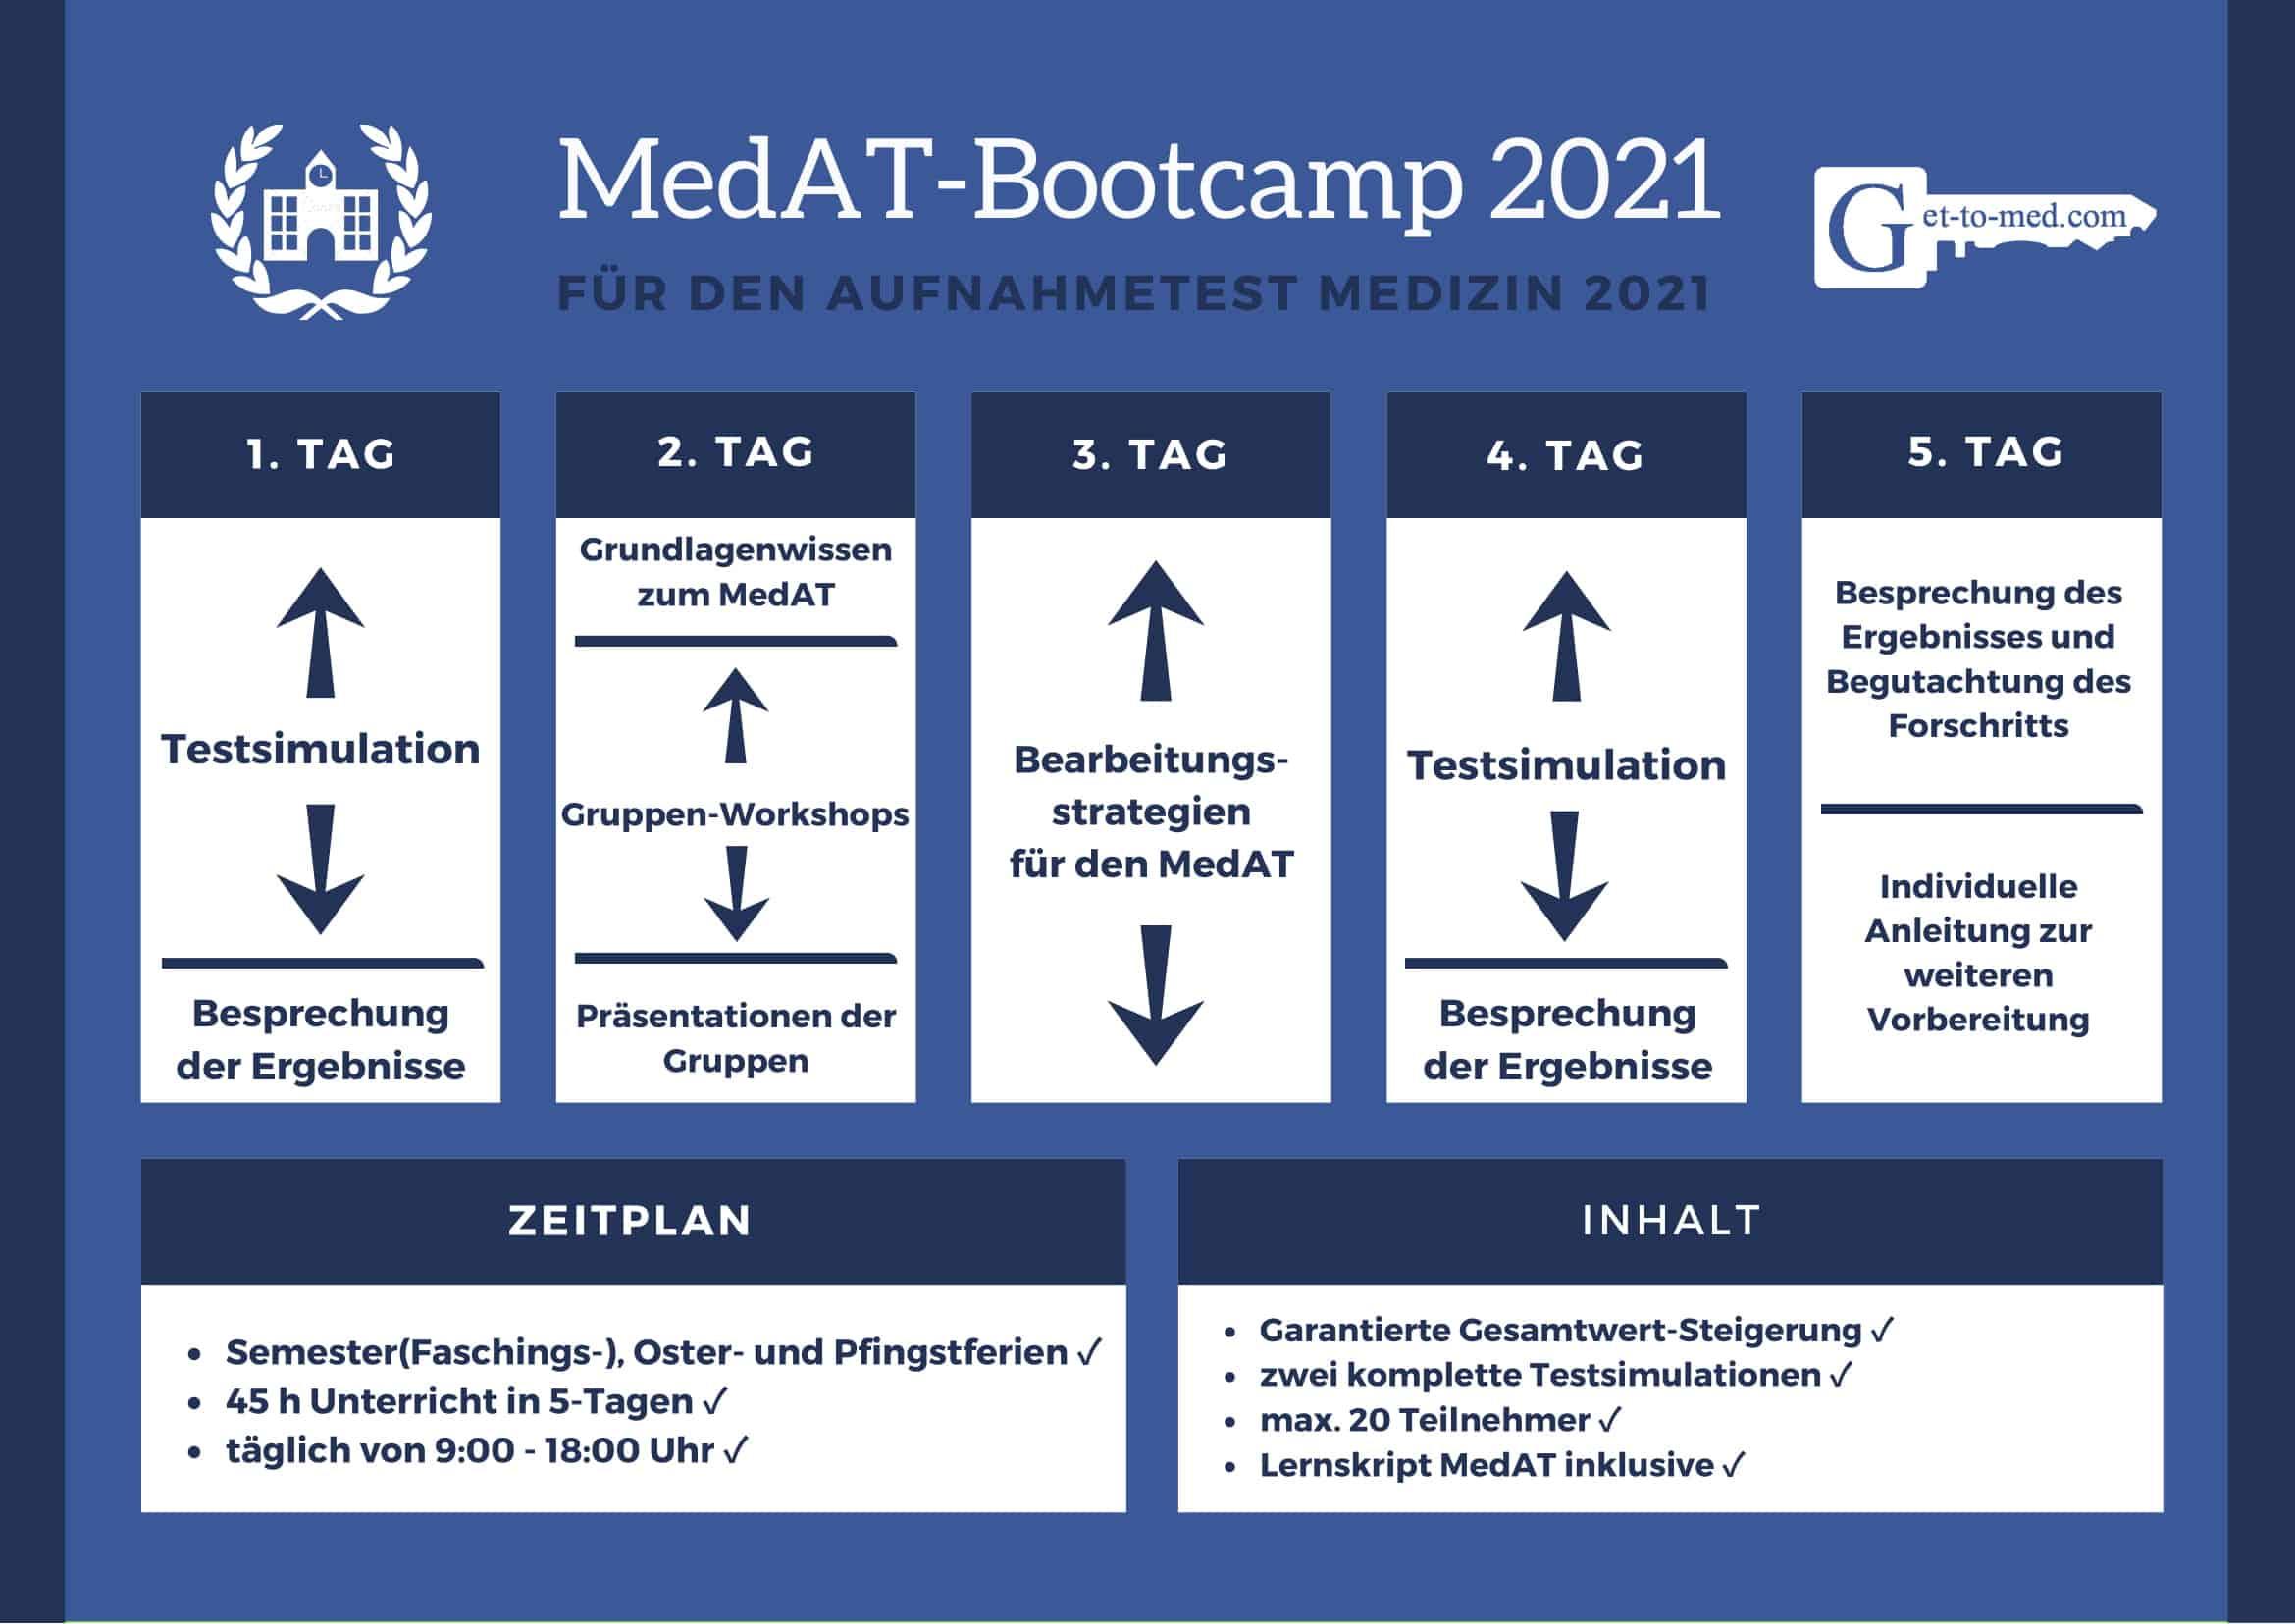 MedAT-Bootcamp Stundenplan für 2021 in Wien, Stuttgart und München